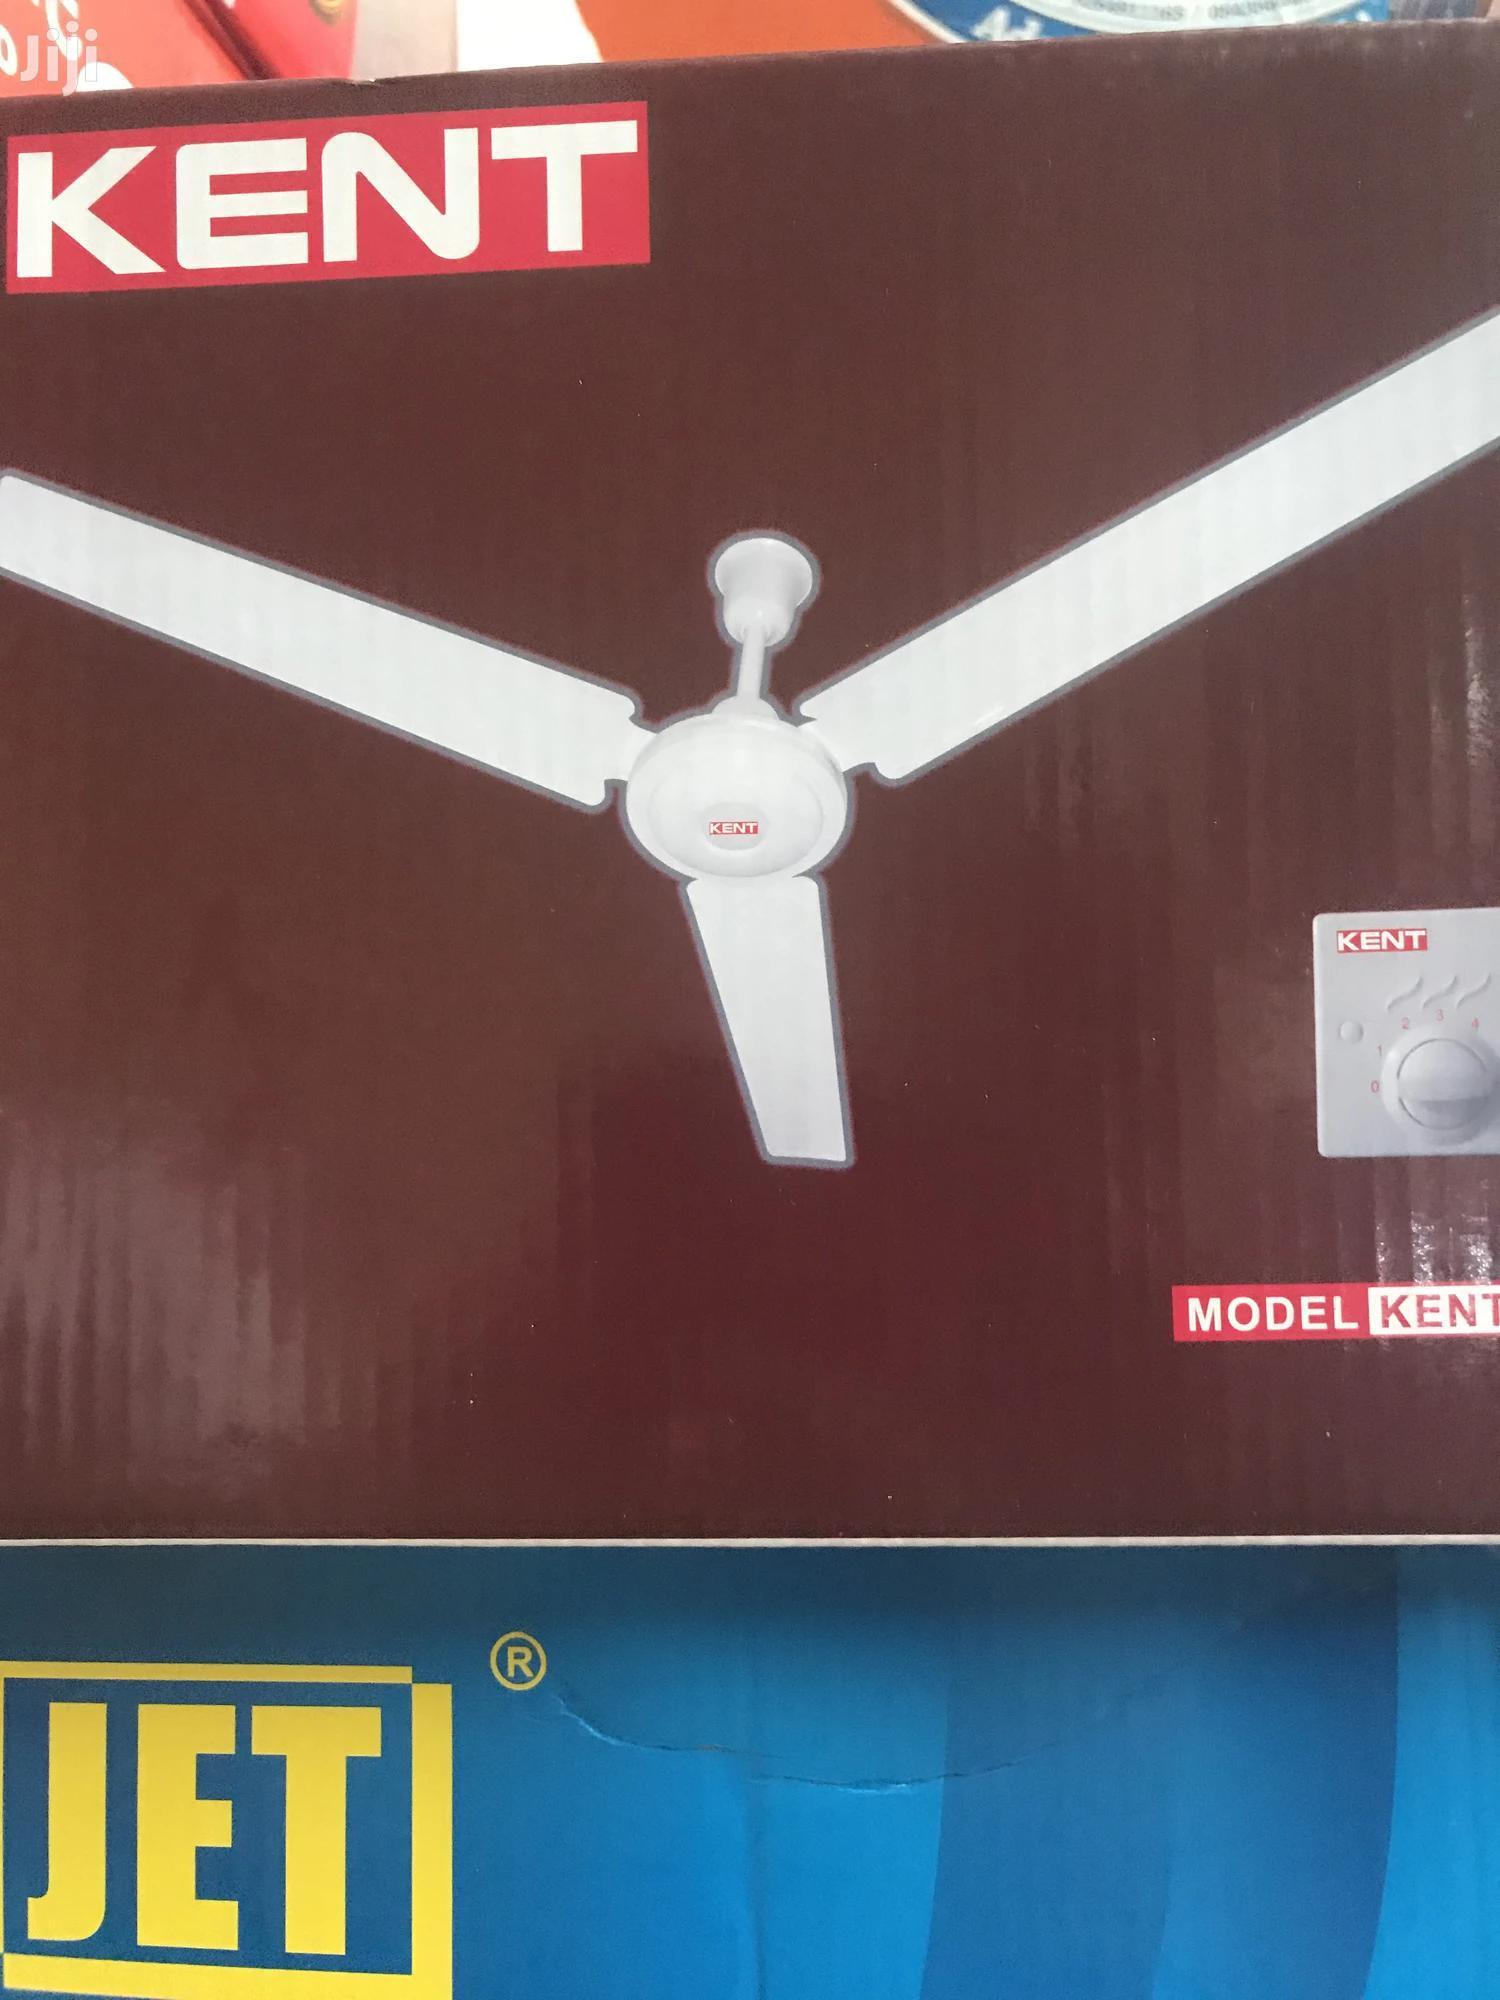 Kent Ceiling Fan